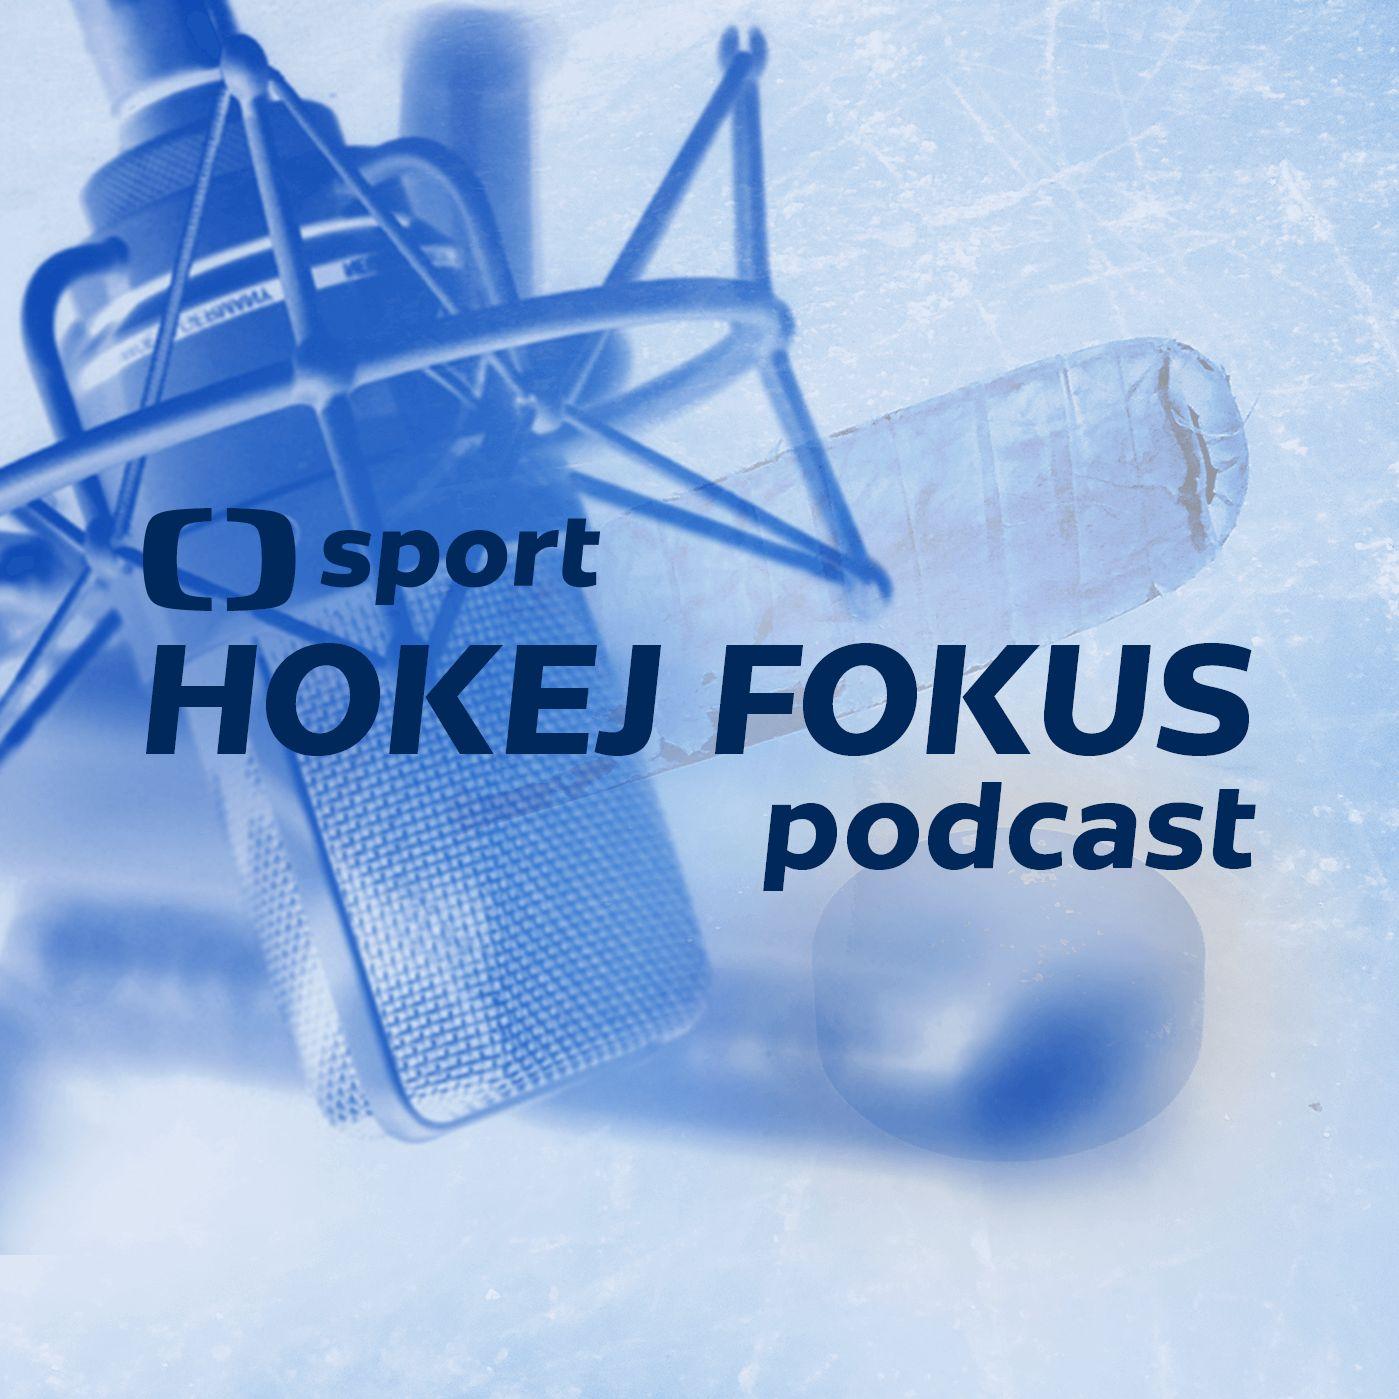 Hokej fokus podcast: Jak zapadne Jágr do Calgary? A co čekat od nové sezony NHL?